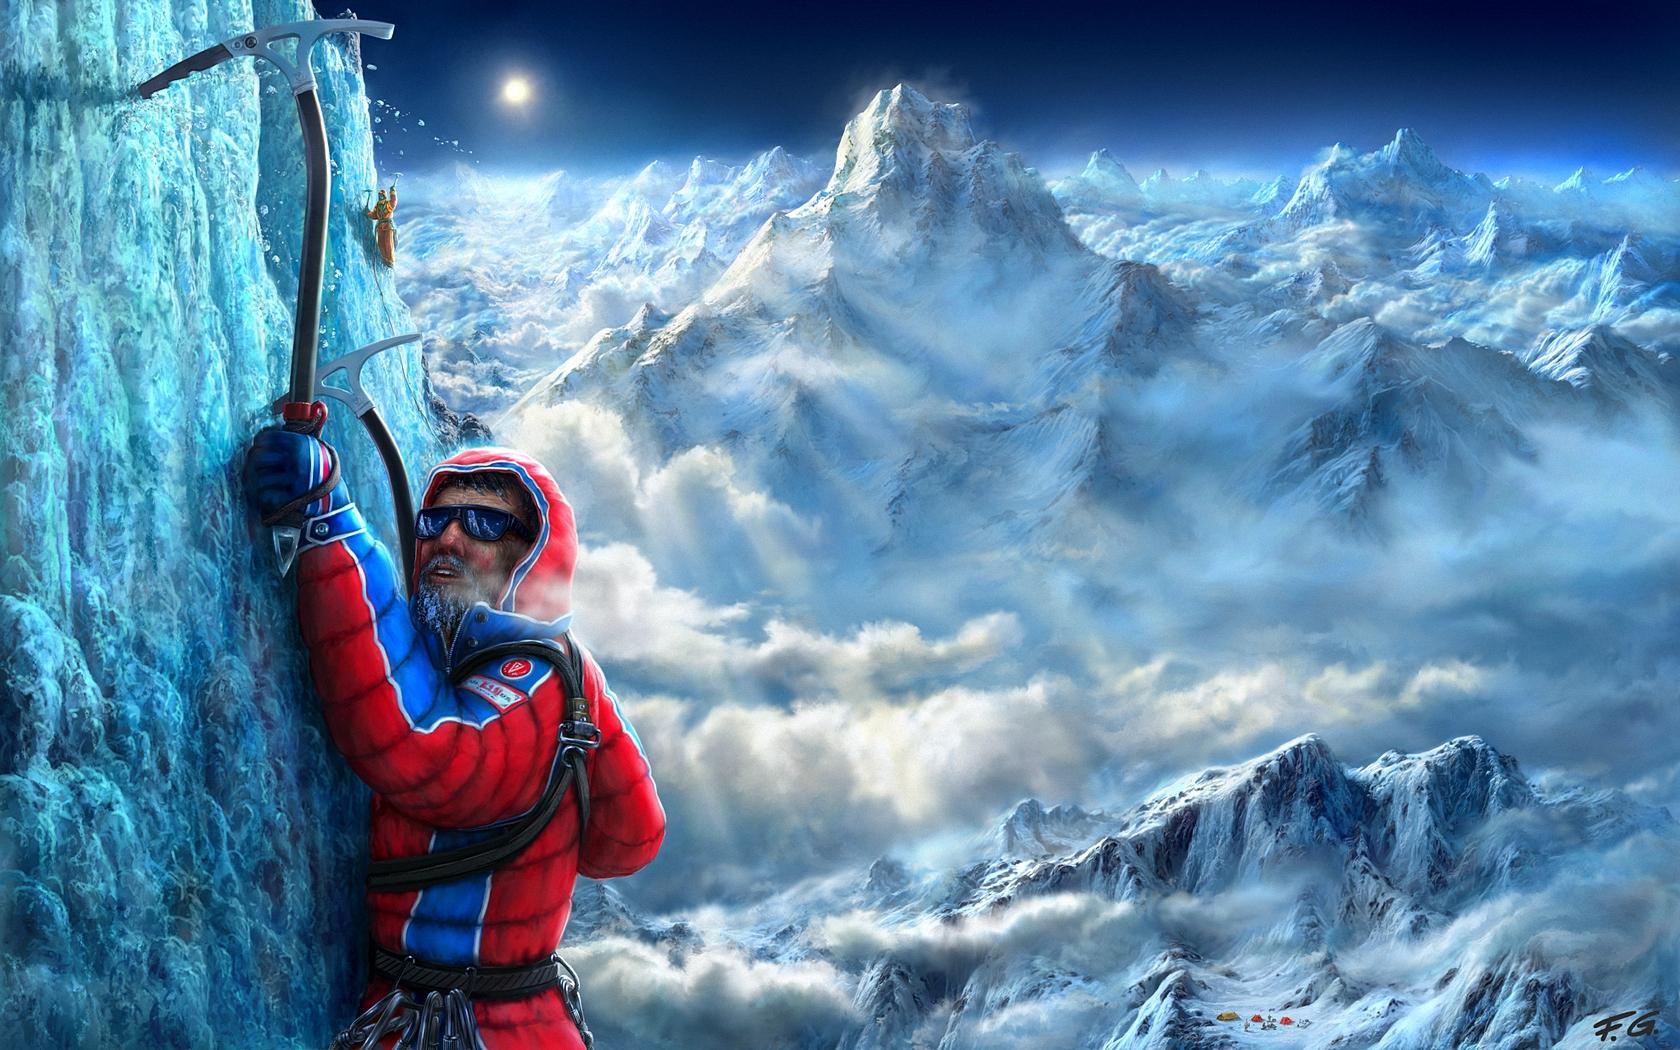 climbing_by_fel_x-d33g34l.jpg